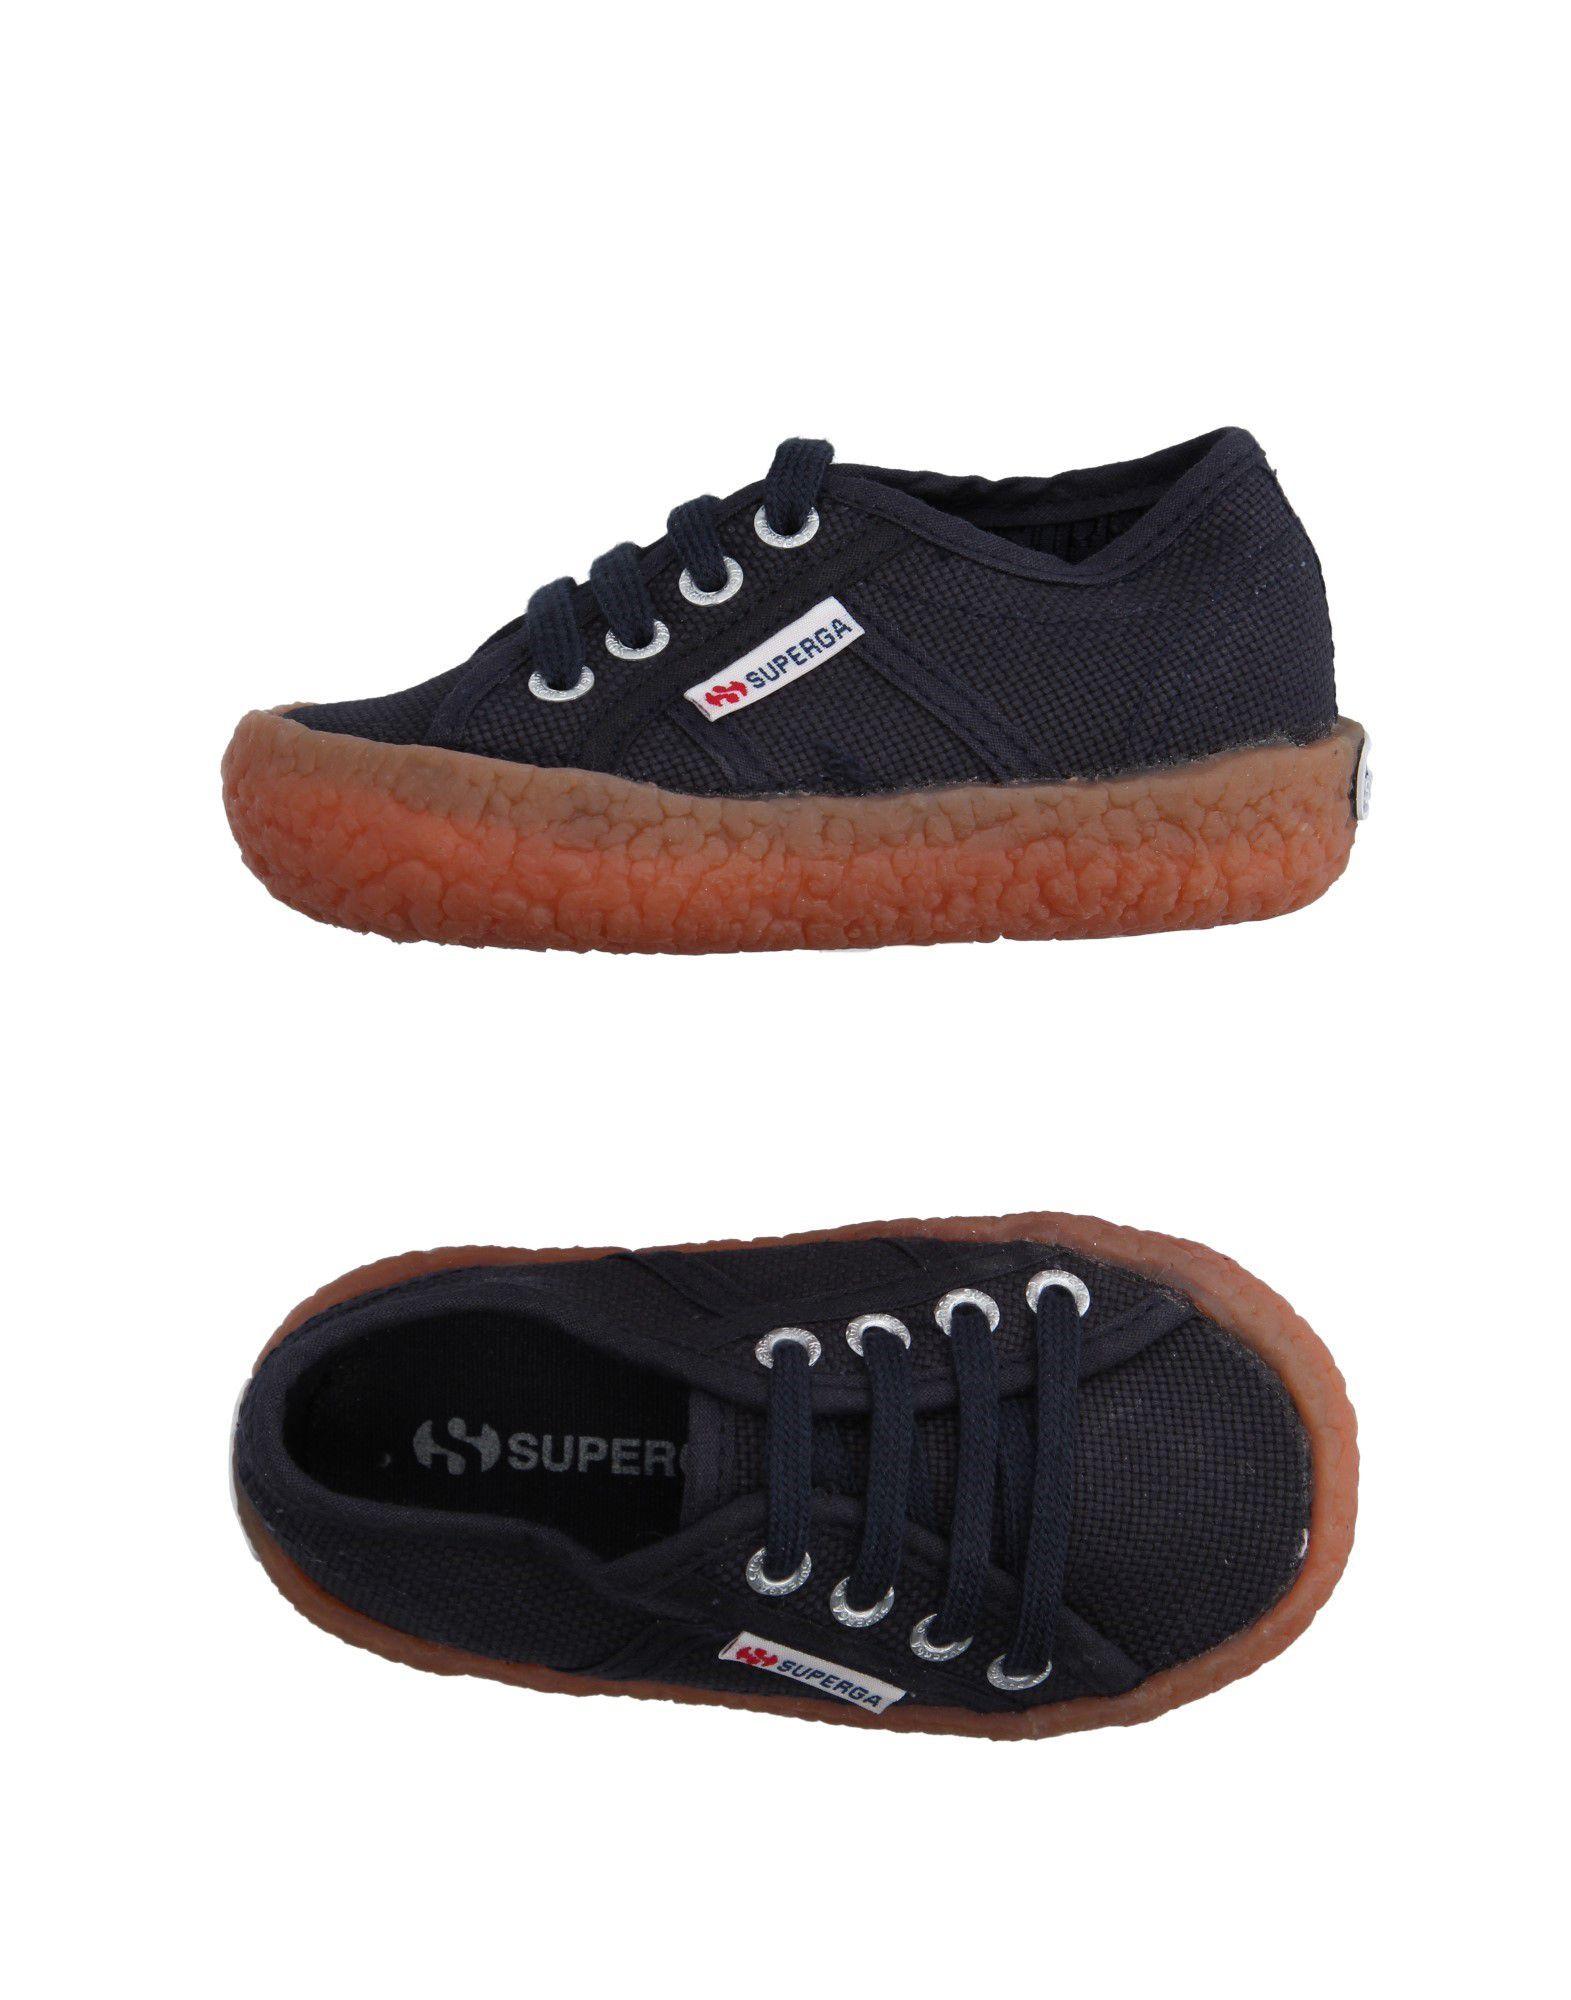 Superga Sneakers Sneakers